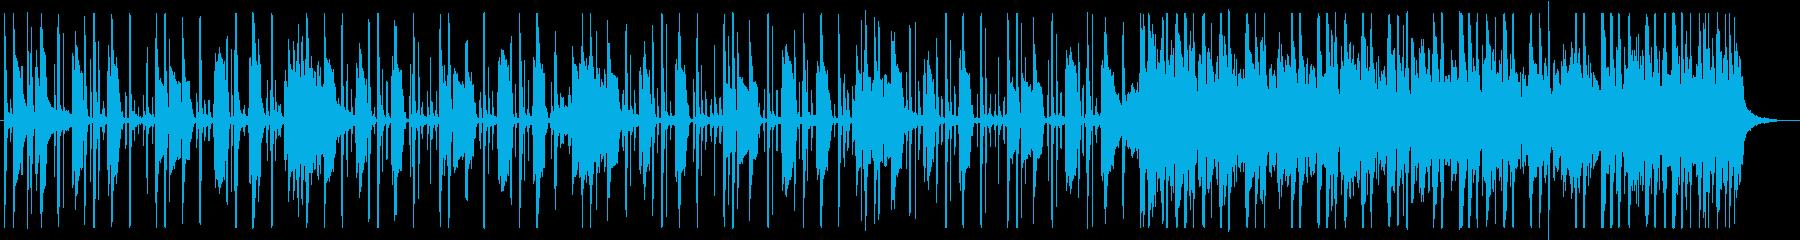 ファンク/生演奏_613_2の再生済みの波形